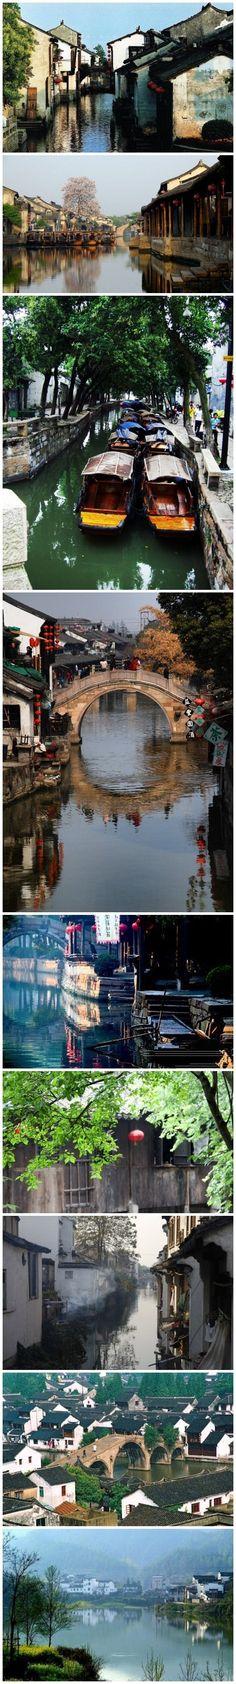 【中国九大最美水乡】1、周庄;2、西塘;3、同里;4、乌镇;5、甪直;6、南浔;7、木渎;8、朱家角;9、光福